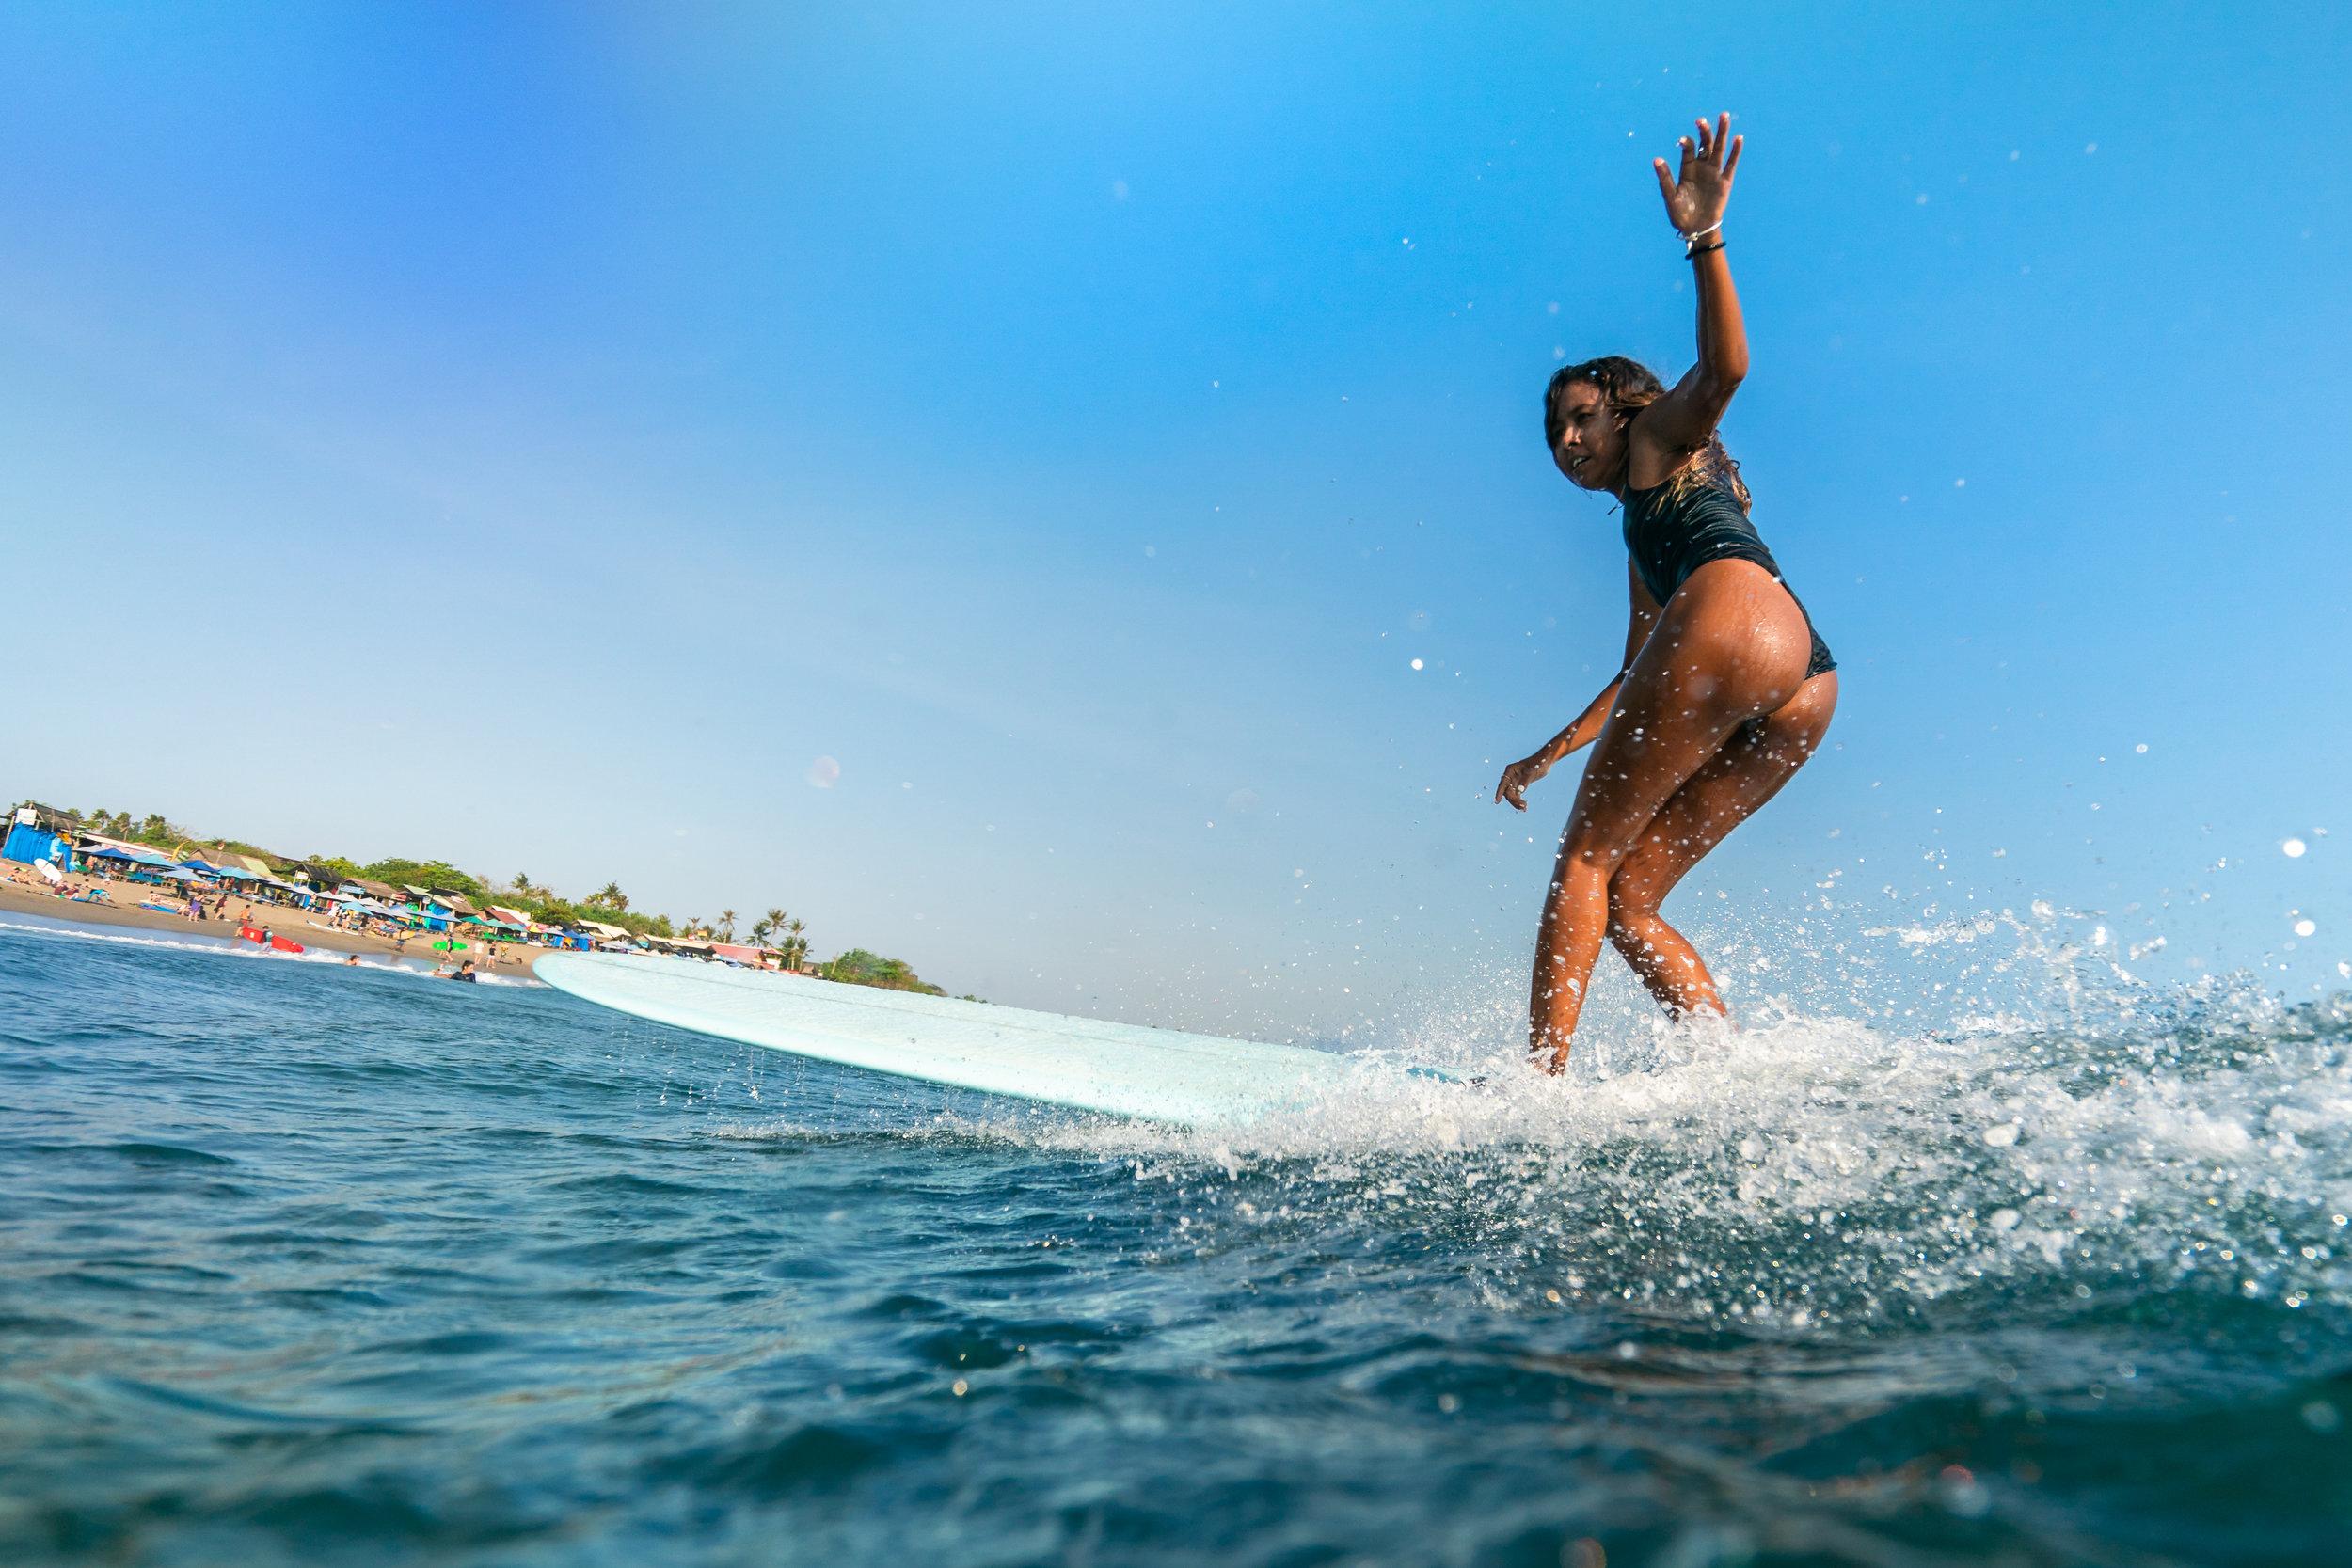 Longboarding, Bali, Indonesia